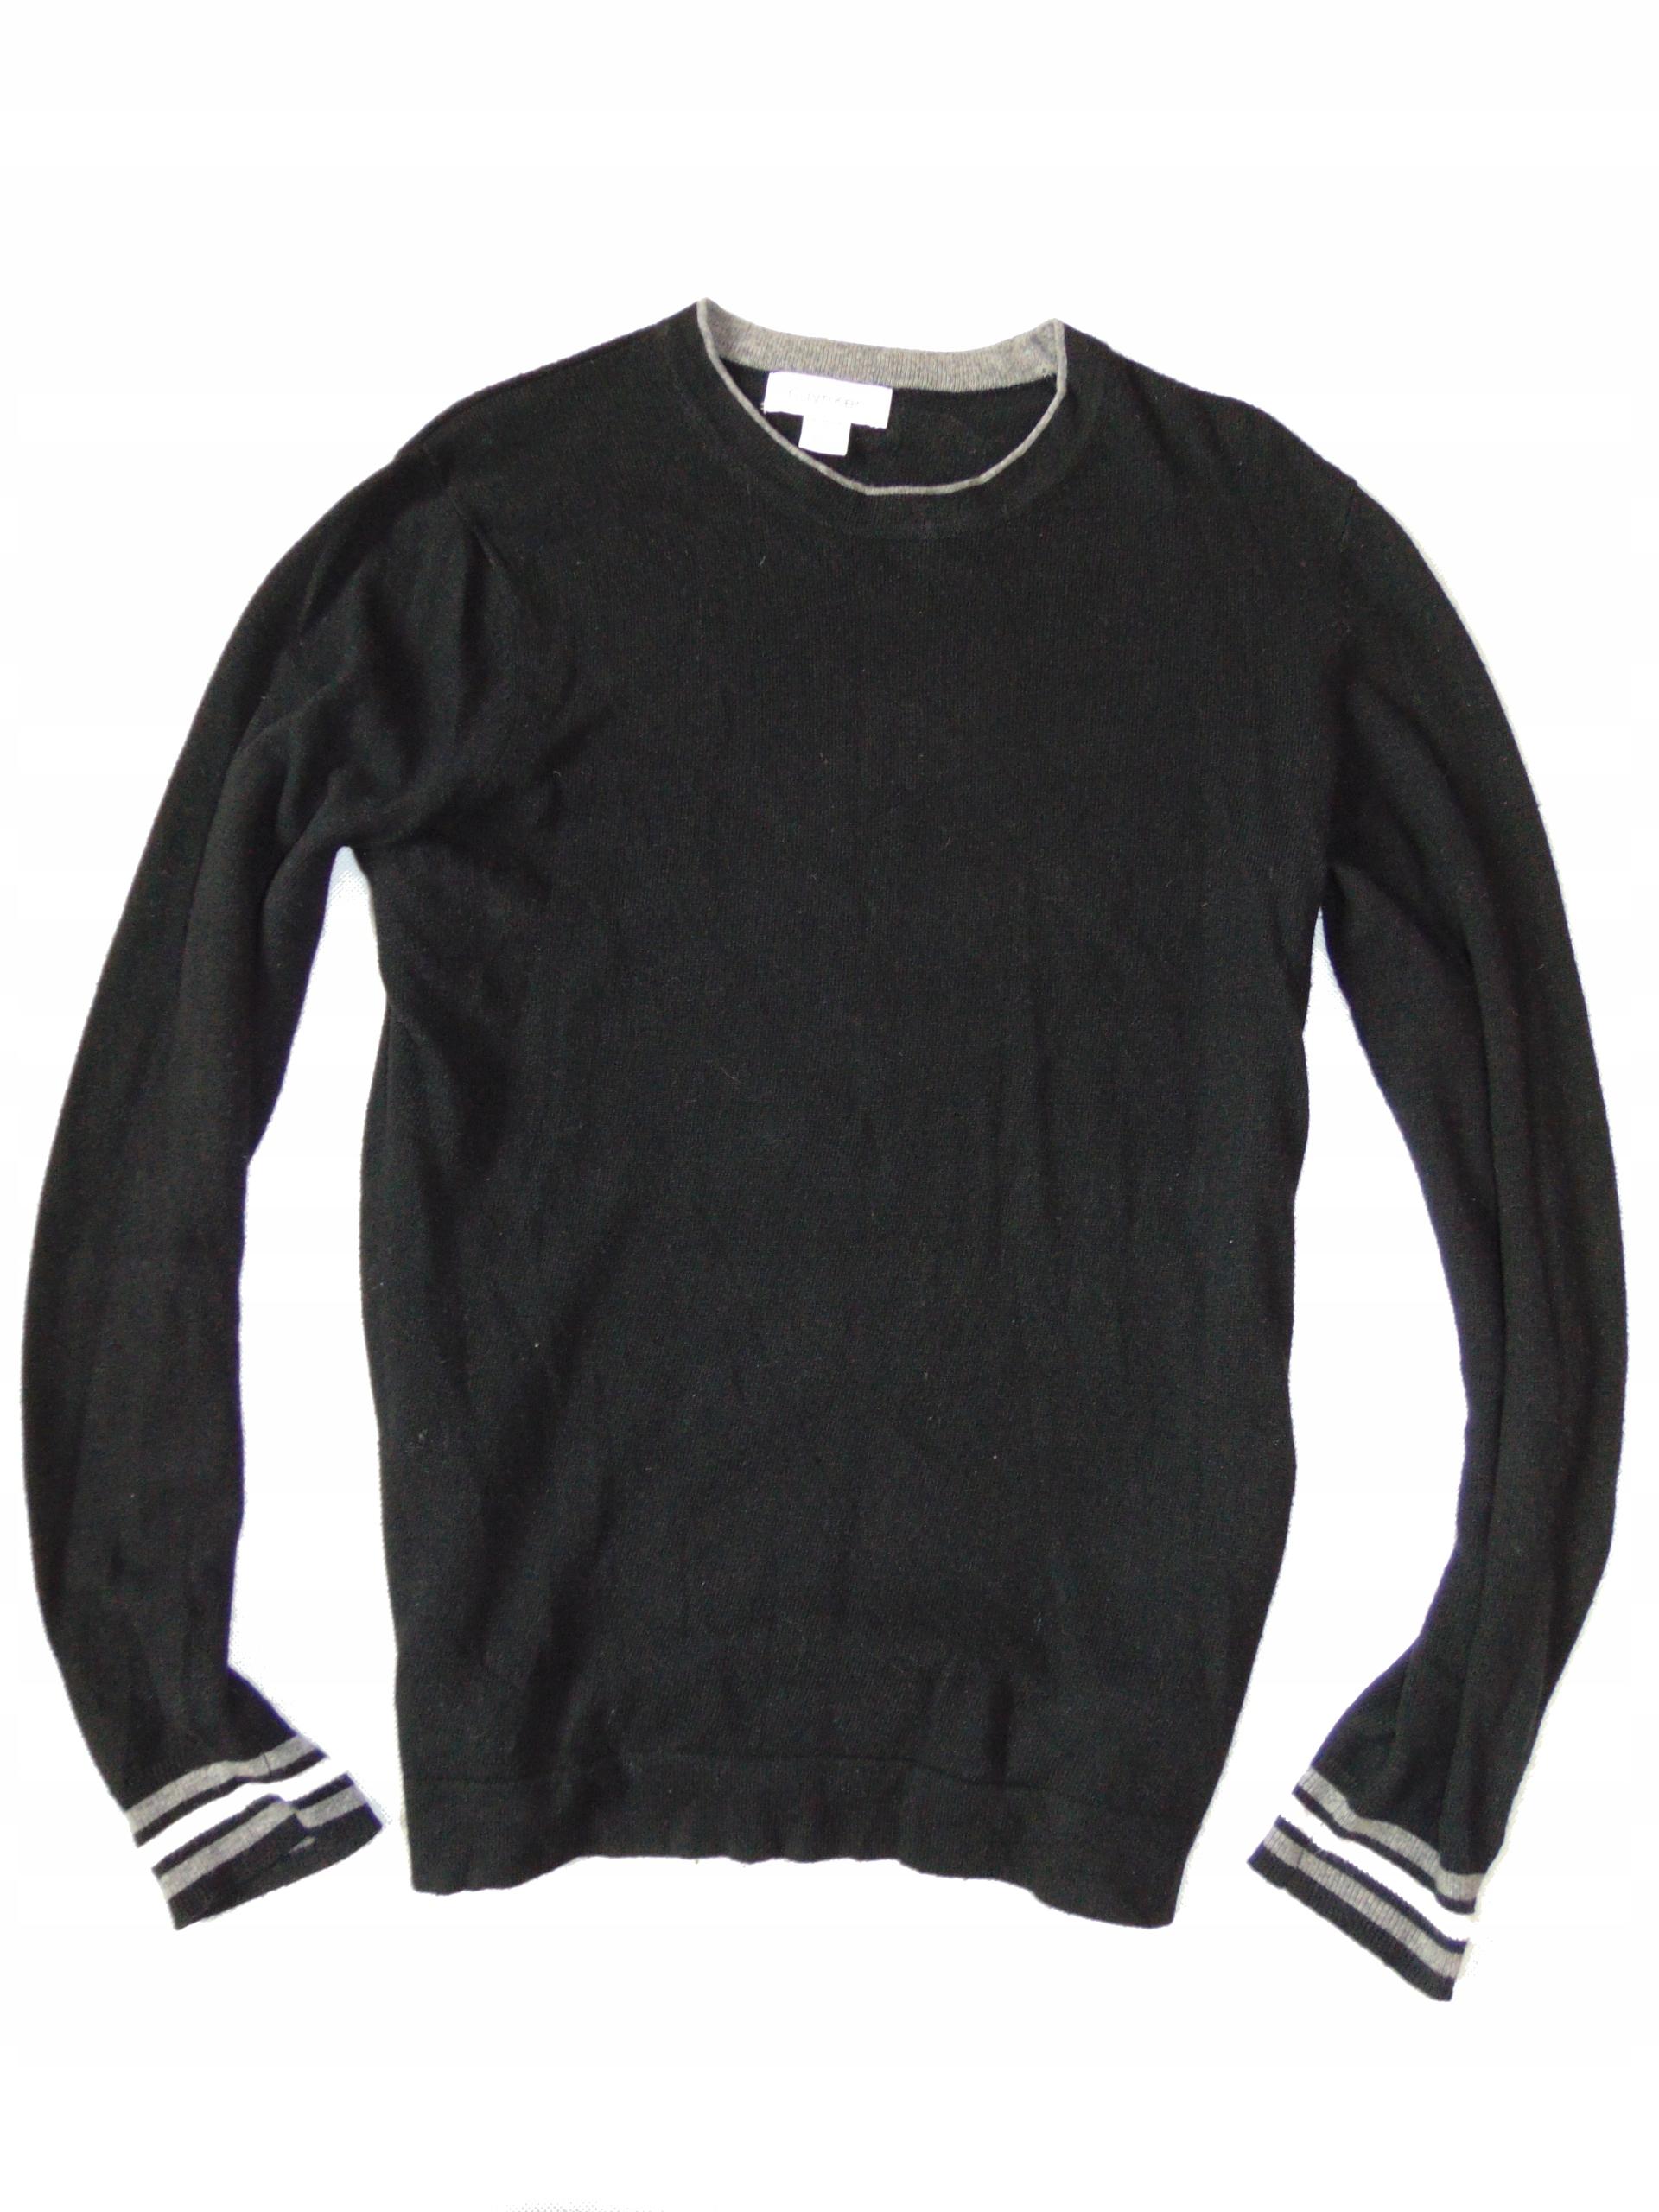 CALVIN KLEIN lekki sweterek męski r XS ok 164 170